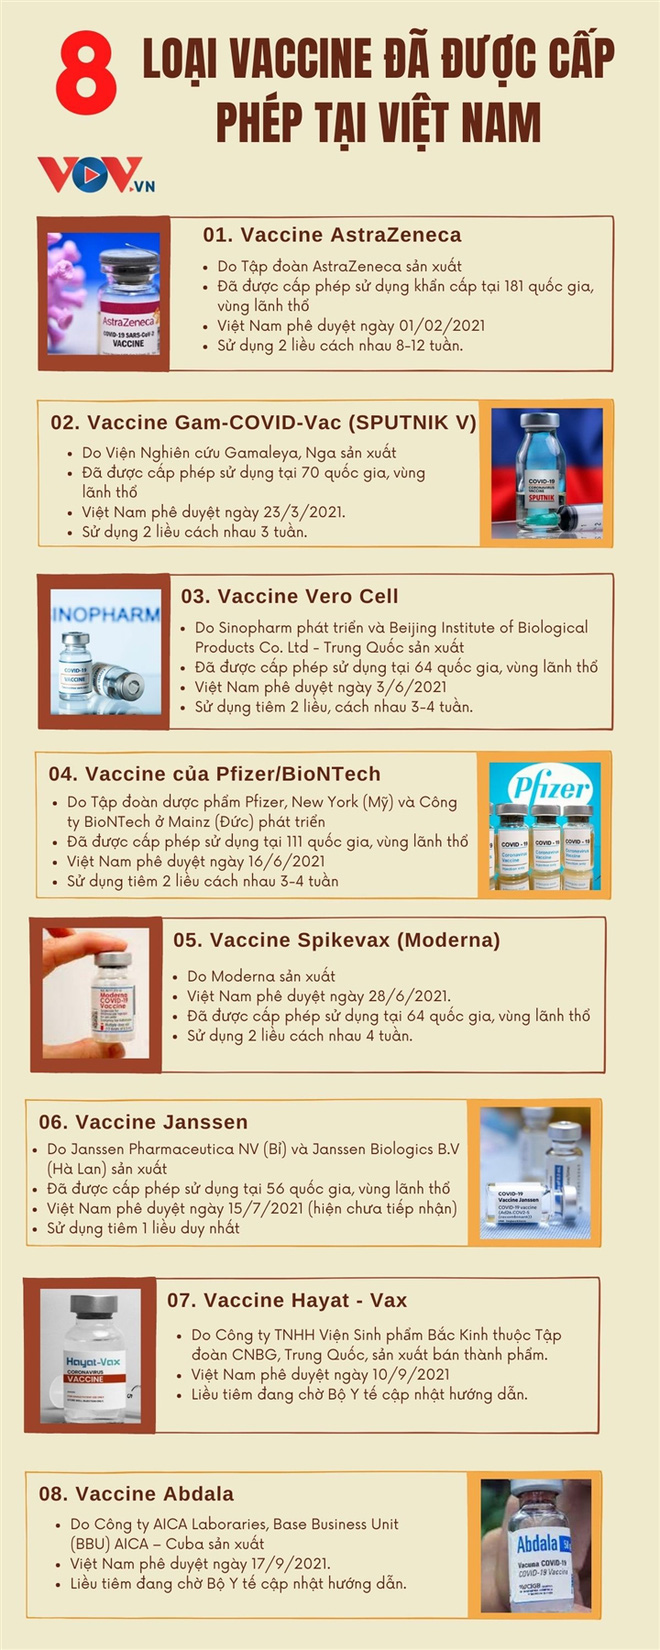 Diễn biến dịch bệnh ngày 25/9: Hà Nội thêm 4 ca mắc Covid-19 mới, 1 ca là lái xe đường dài; Hơn 35.000 F0 TP HCM điều trị tại nhà - Ảnh 1.